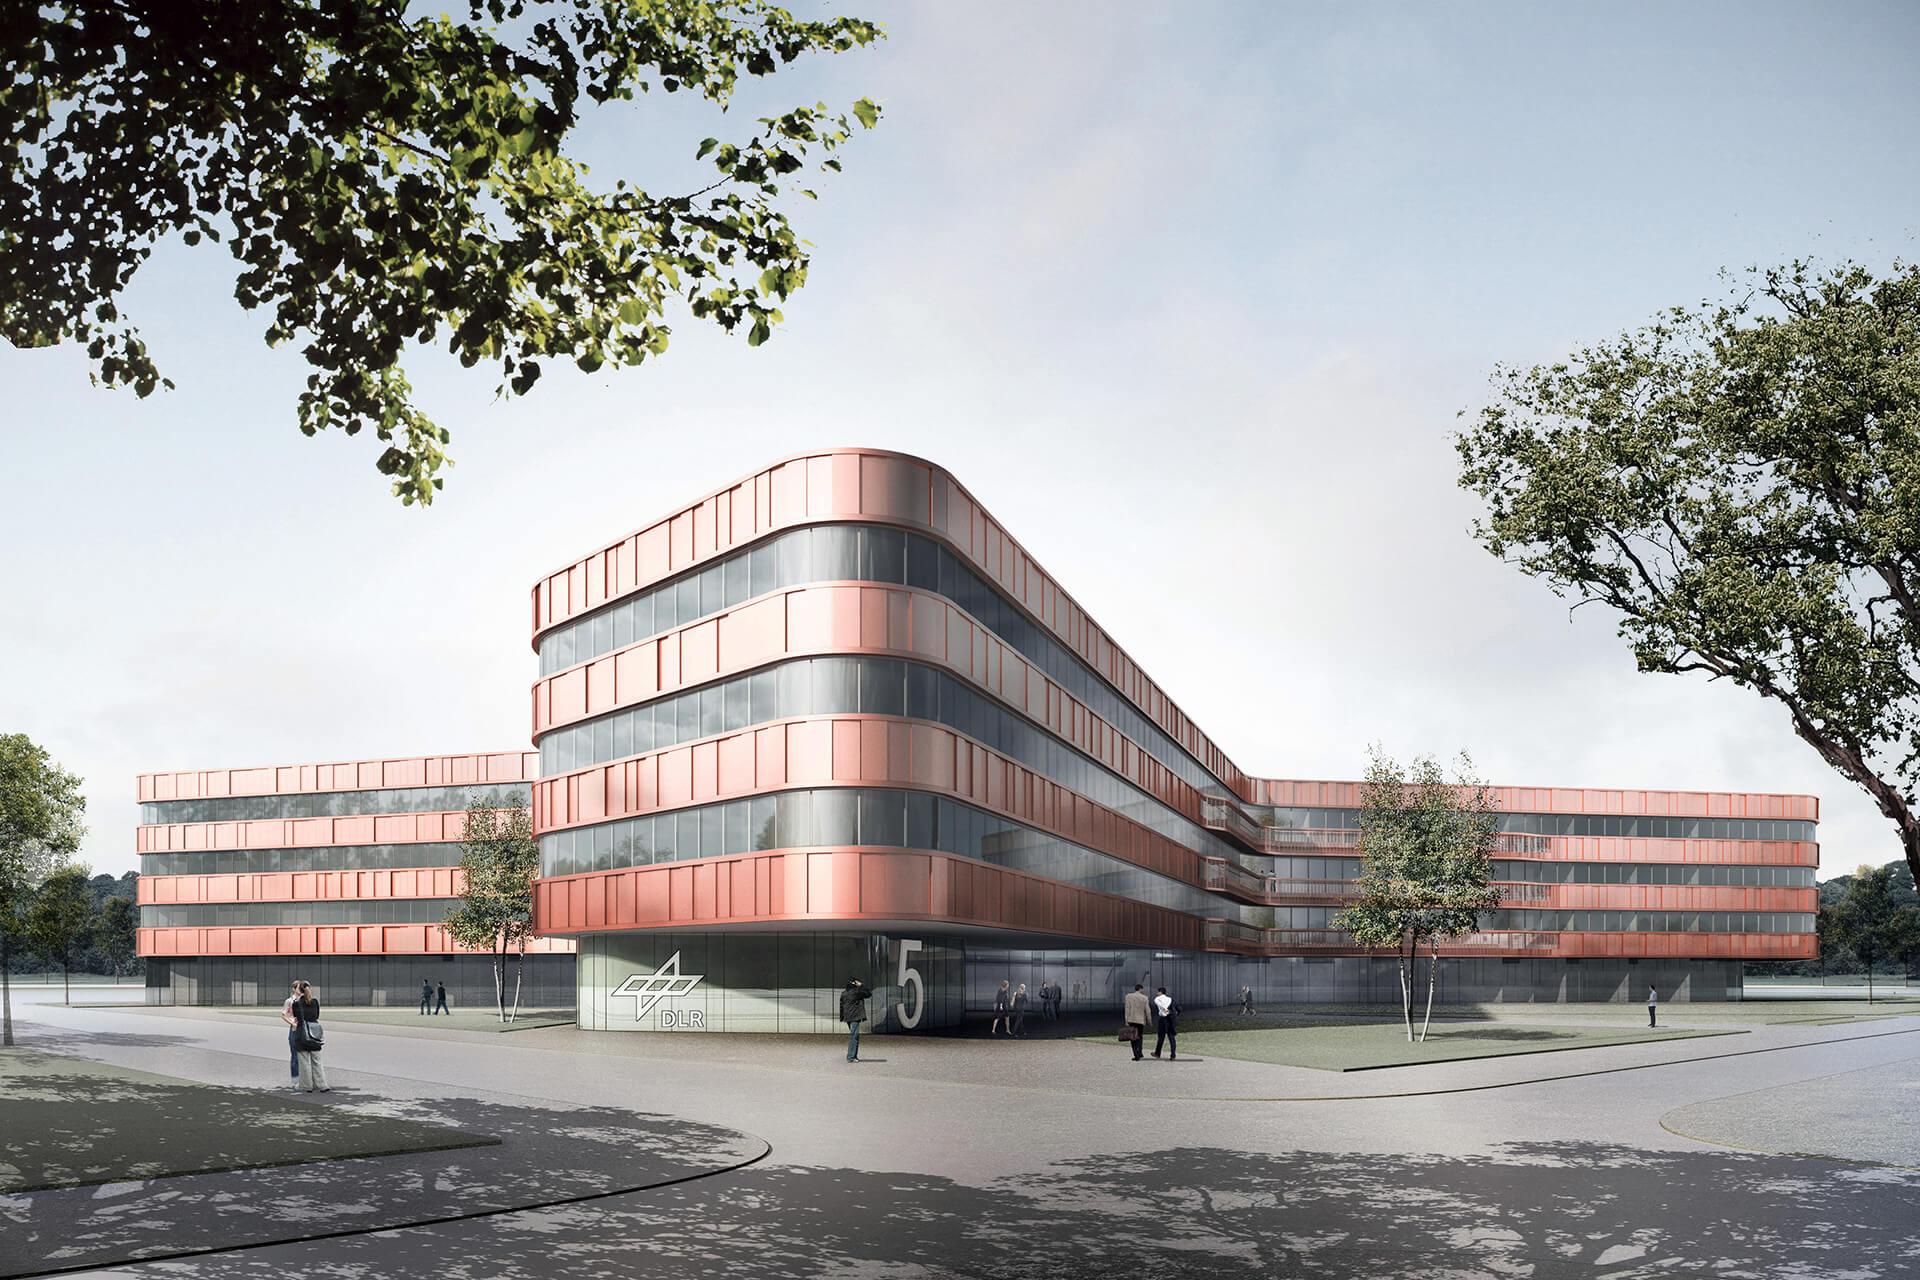 ksg-architekten - DLR Neubau, Köln-Porz